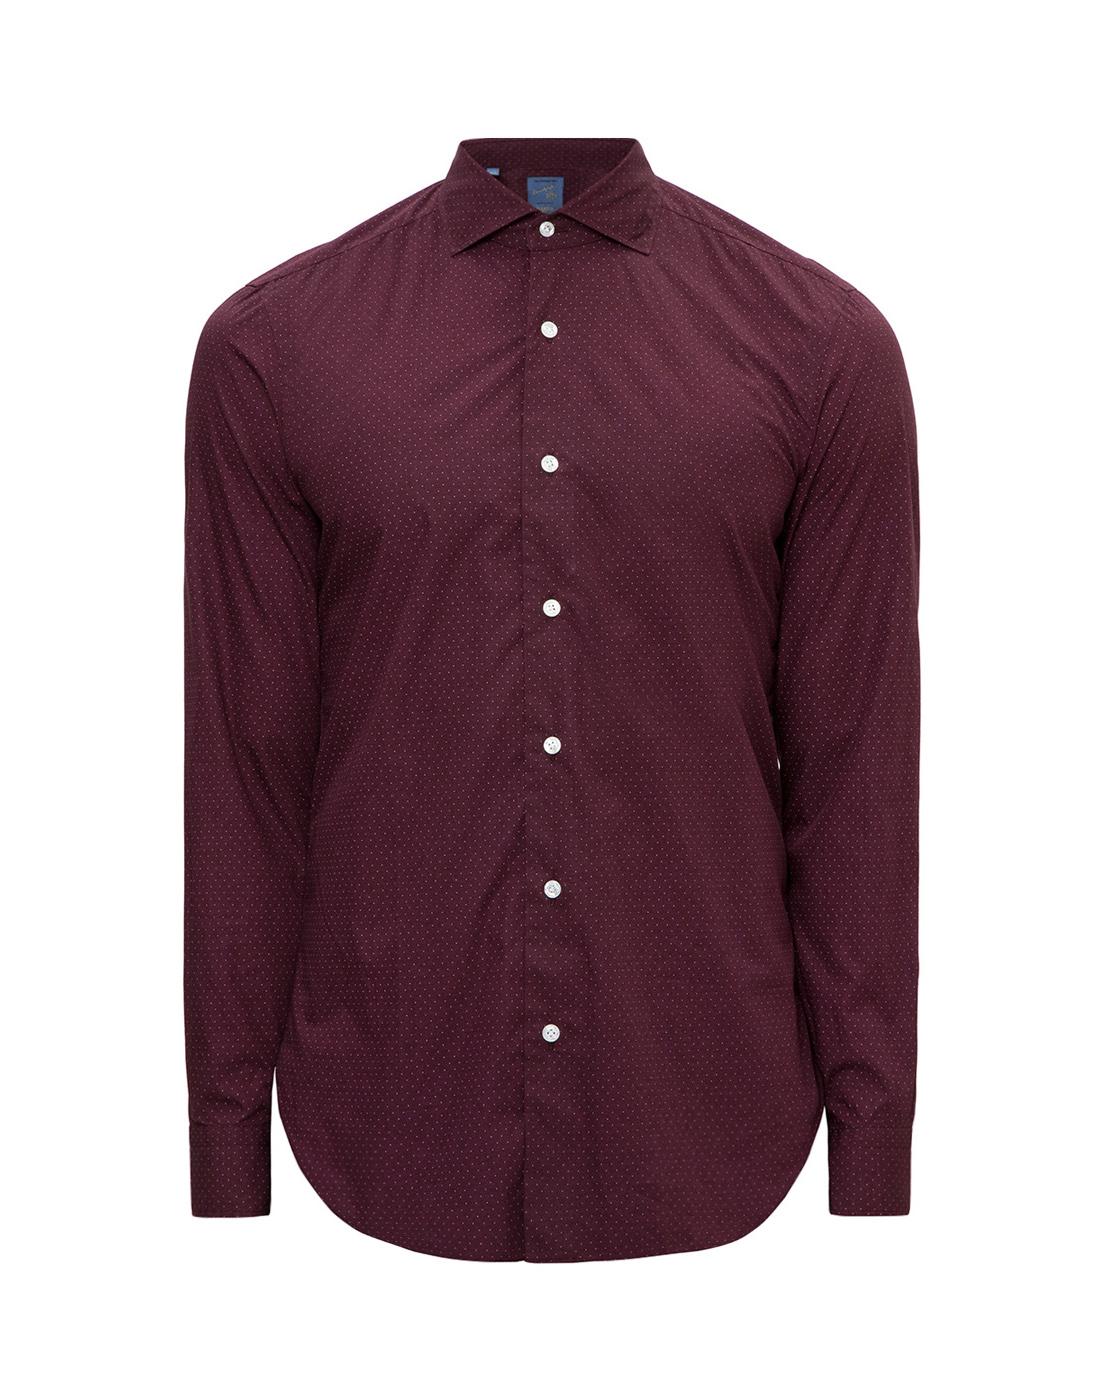 Мужская бордовая рубашка в горошек Barba S554902U-1